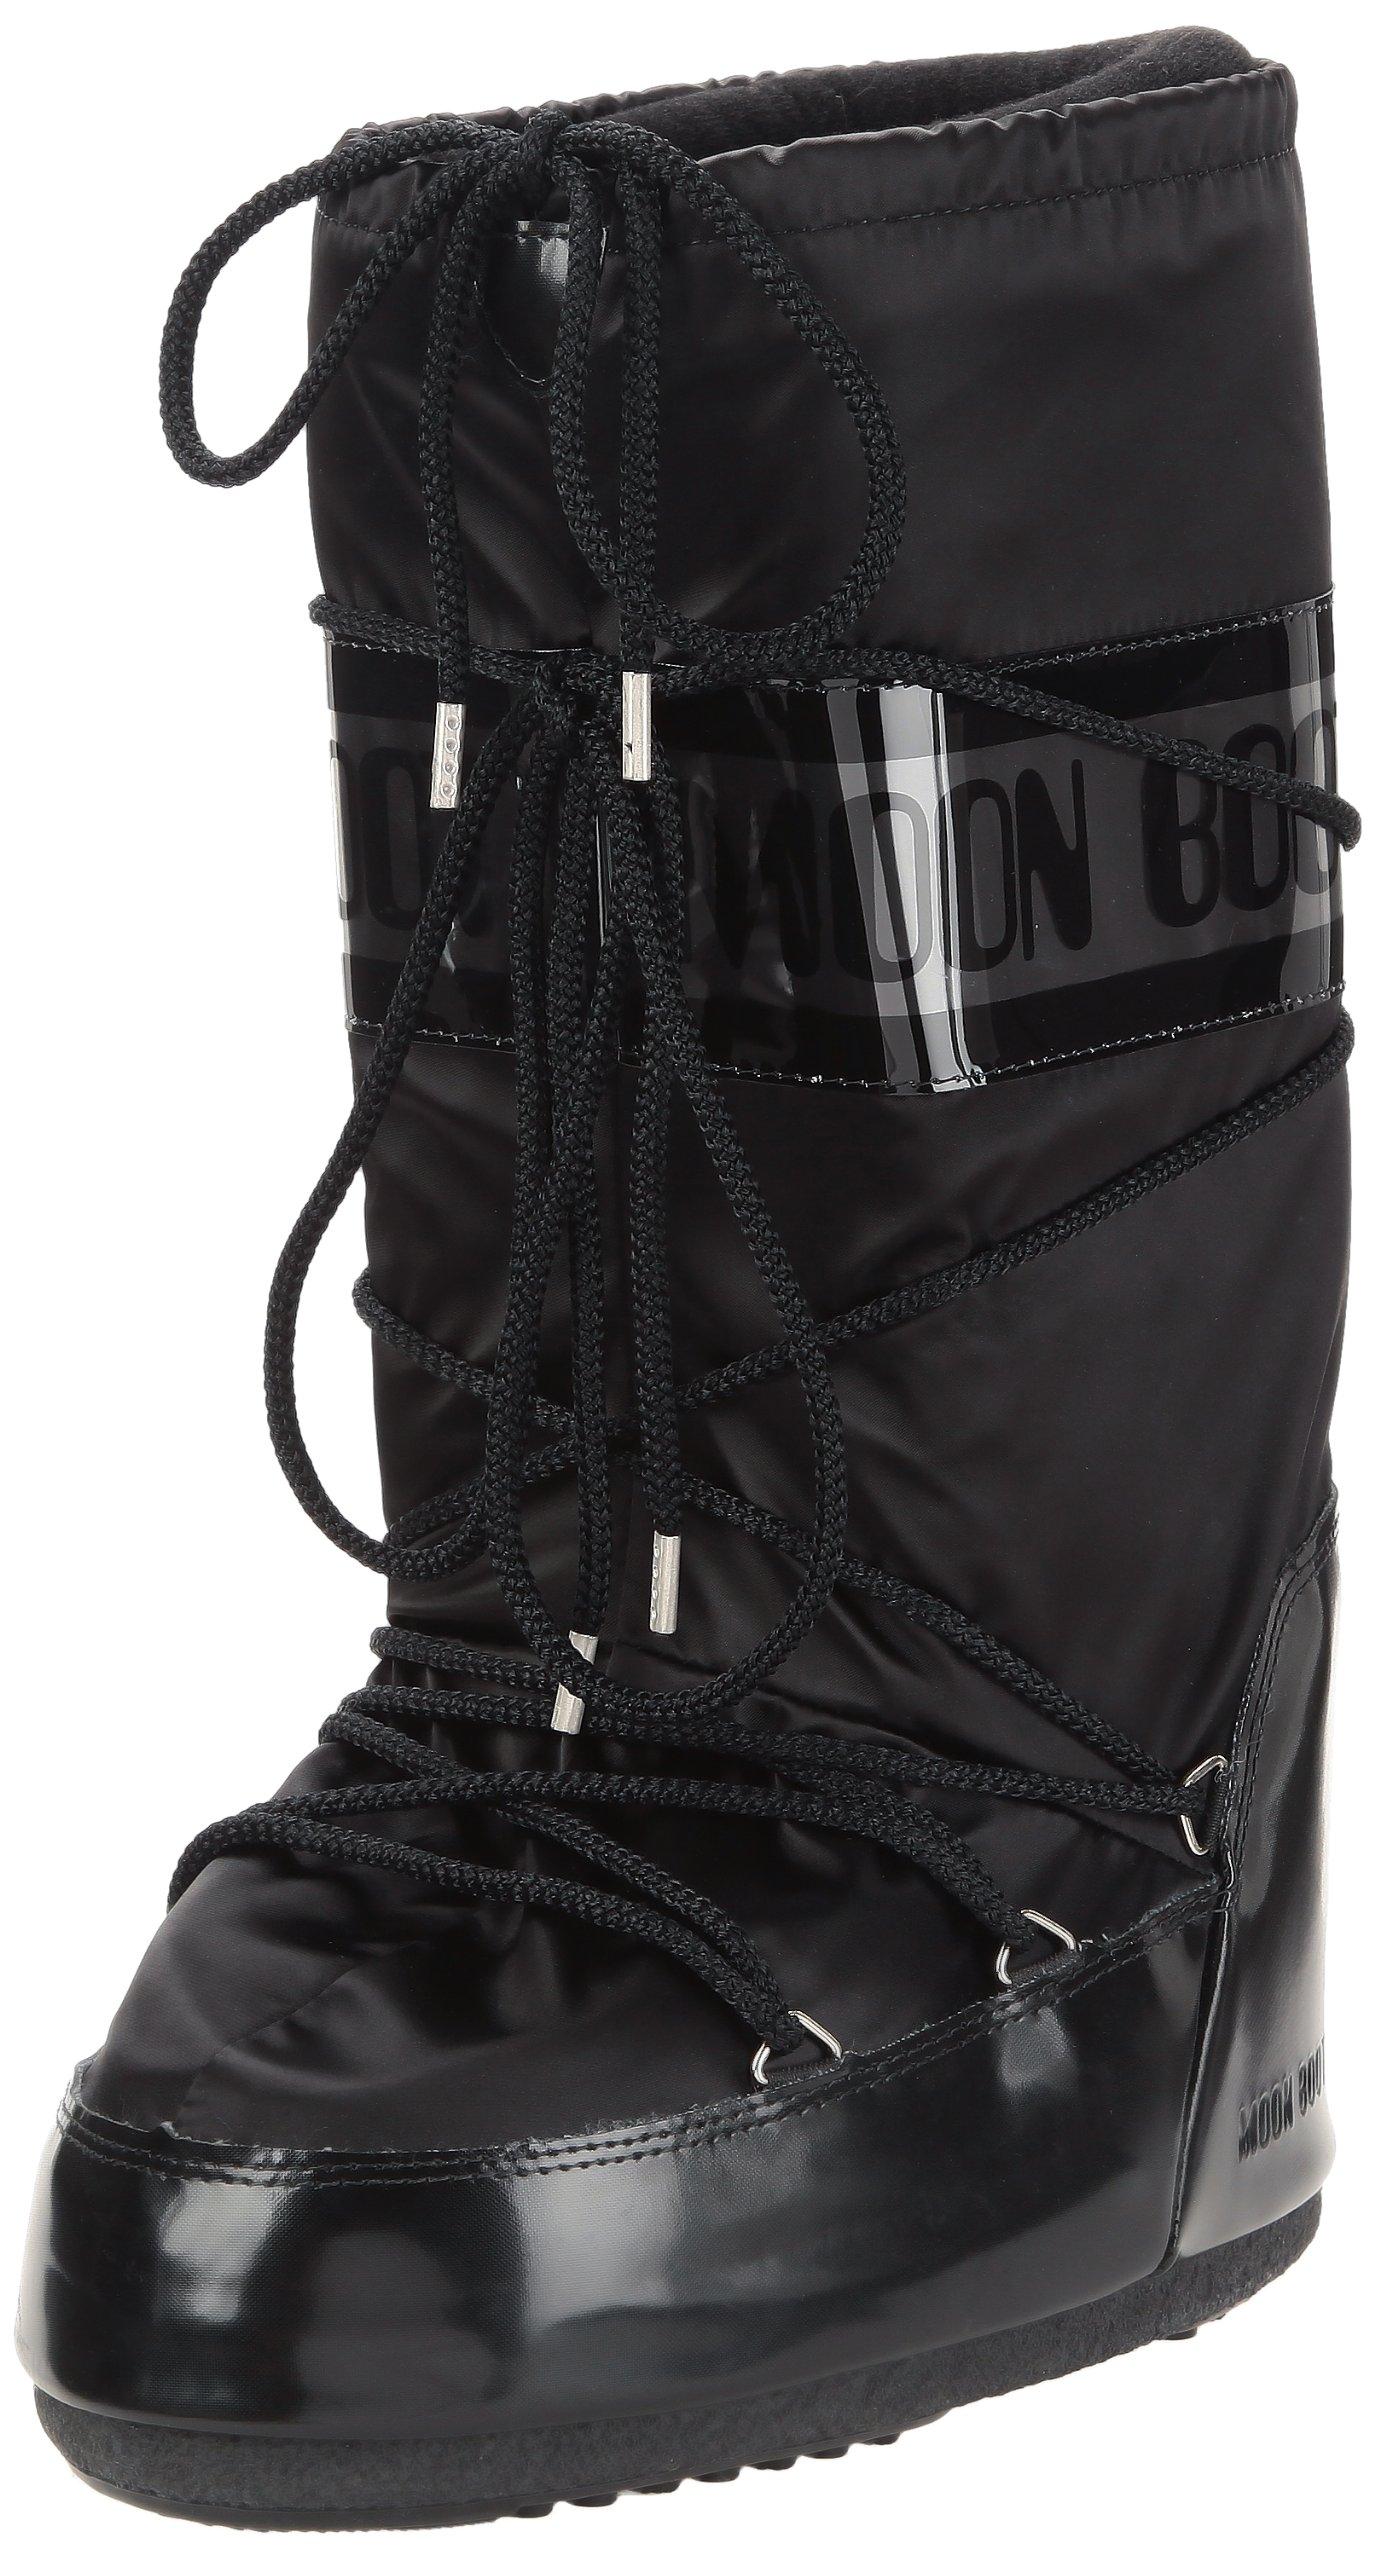 FemmeNoirnero27 Moon Boot GlanceBoots 30 Eu 1JcTlKF